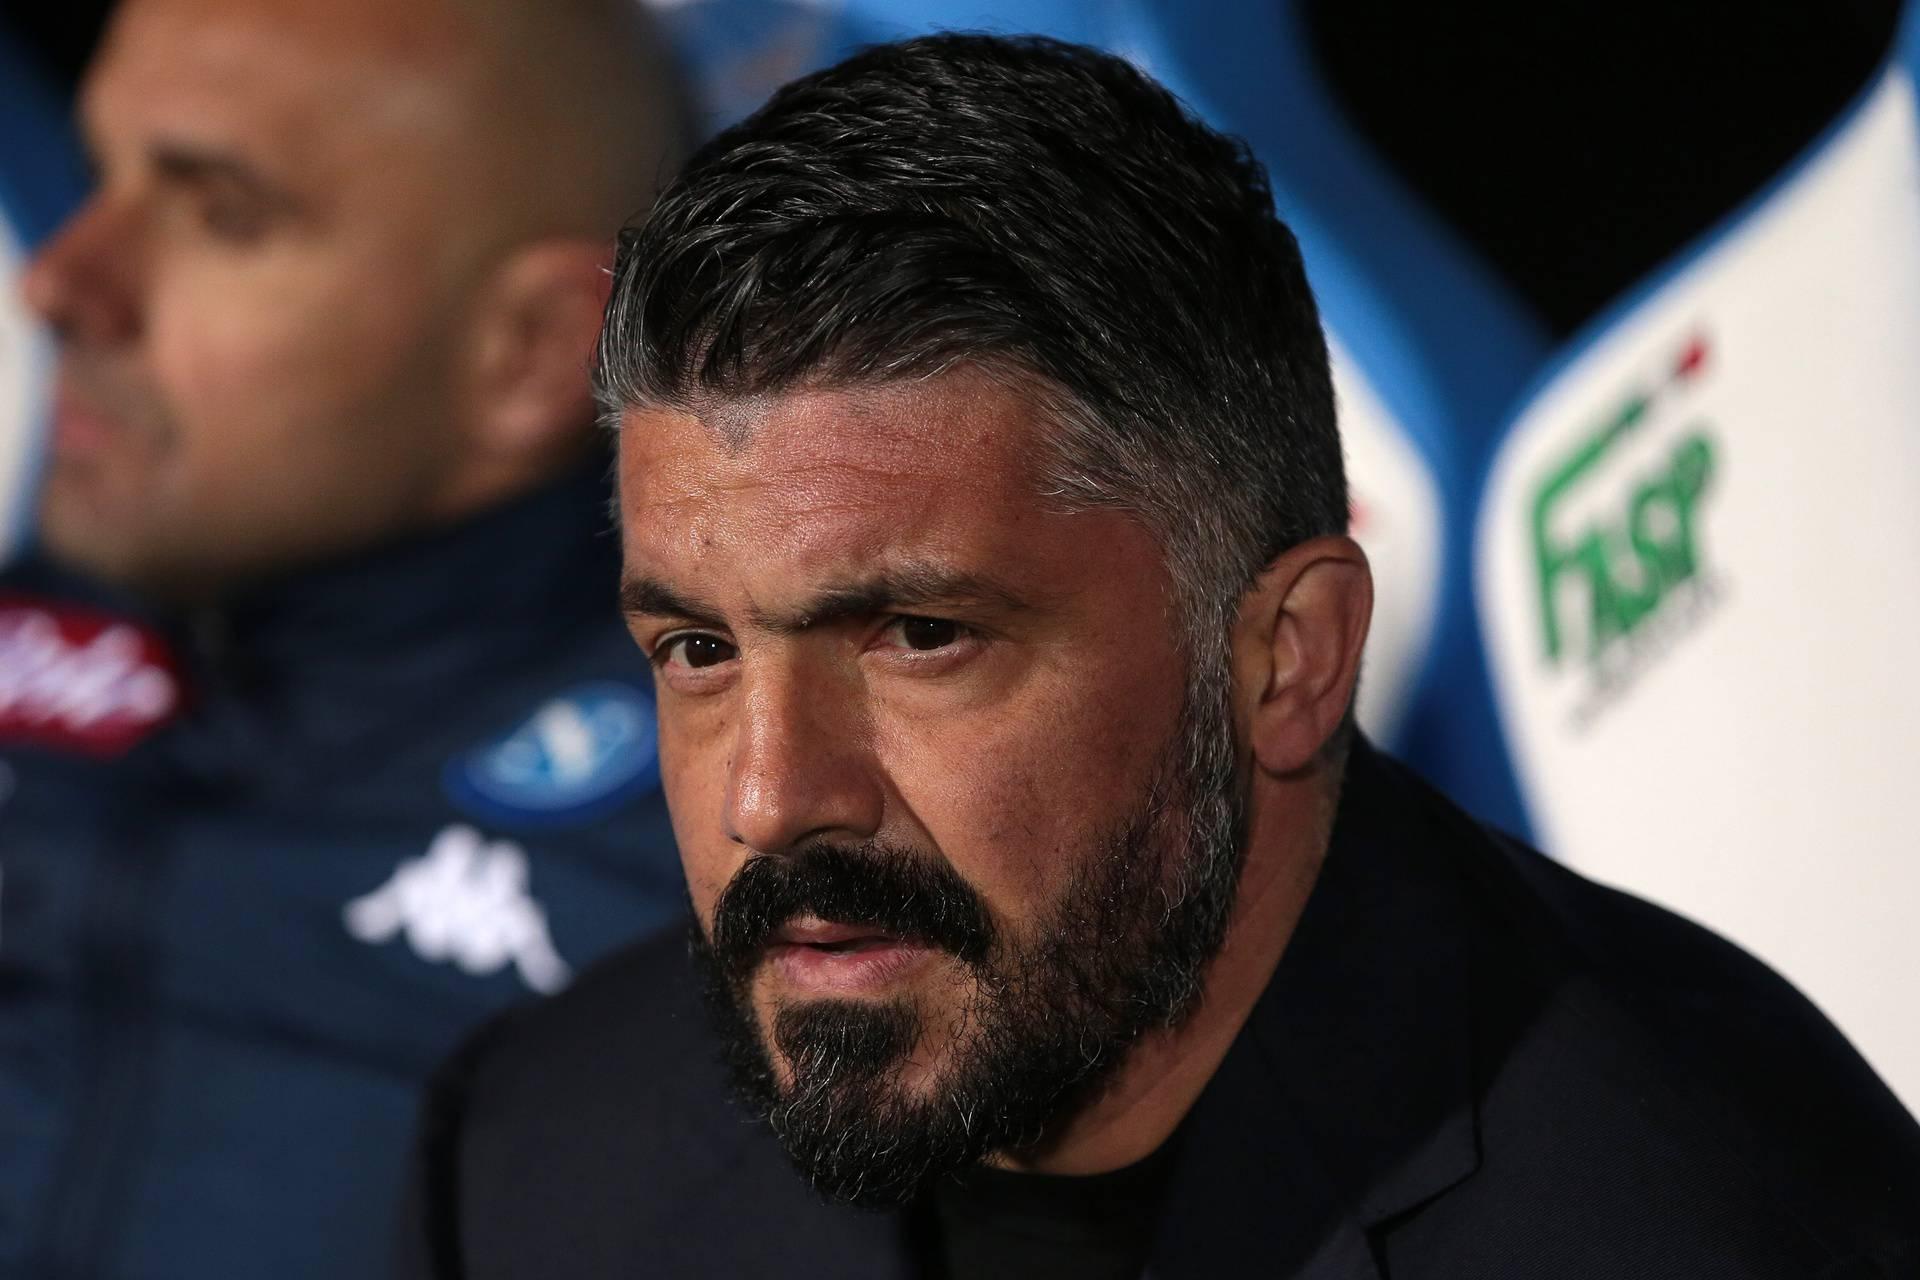 Brescia v Napoli - Serie A - Stadio Mario Rigamonti